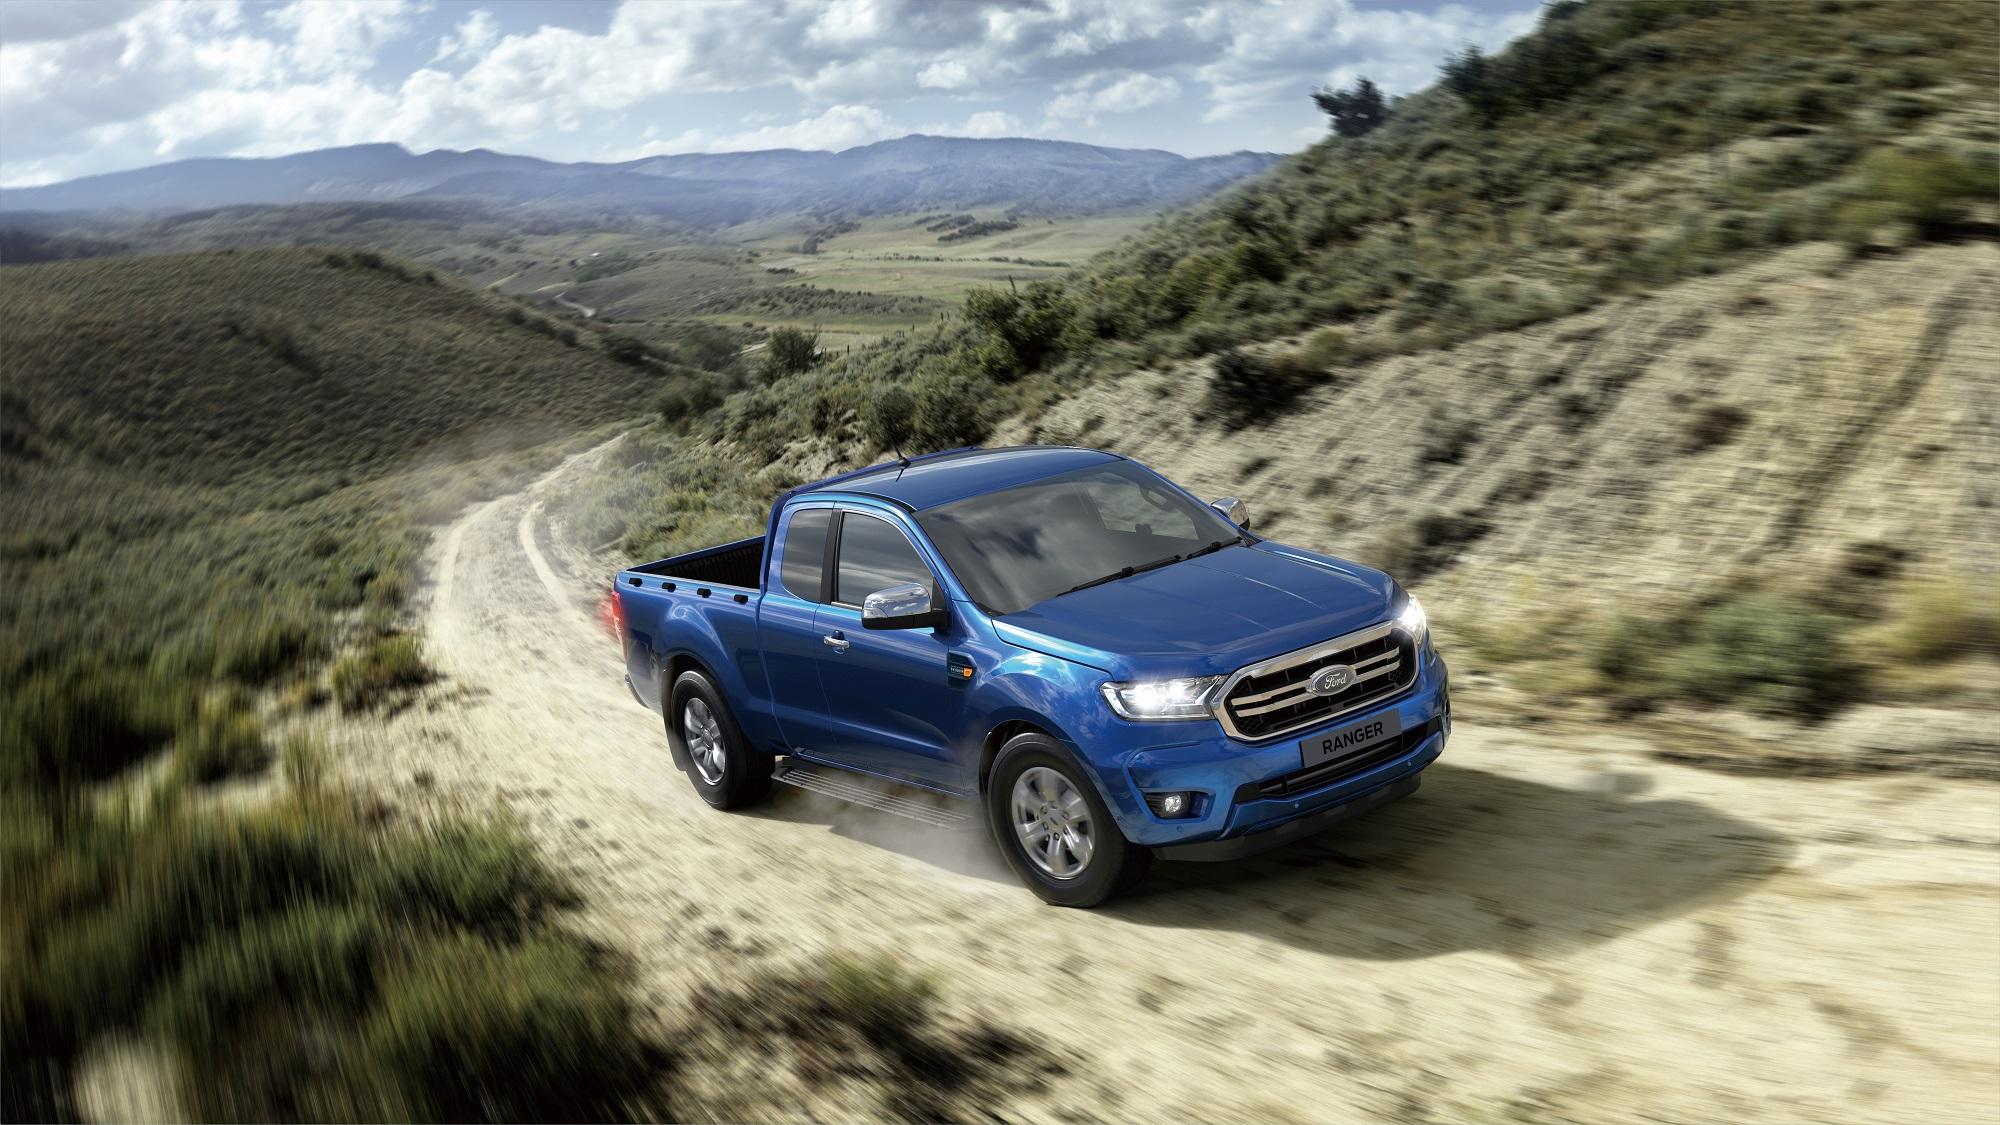 21 年式 Ford Ranger 職人型舊換新優惠價 99.8 萬。